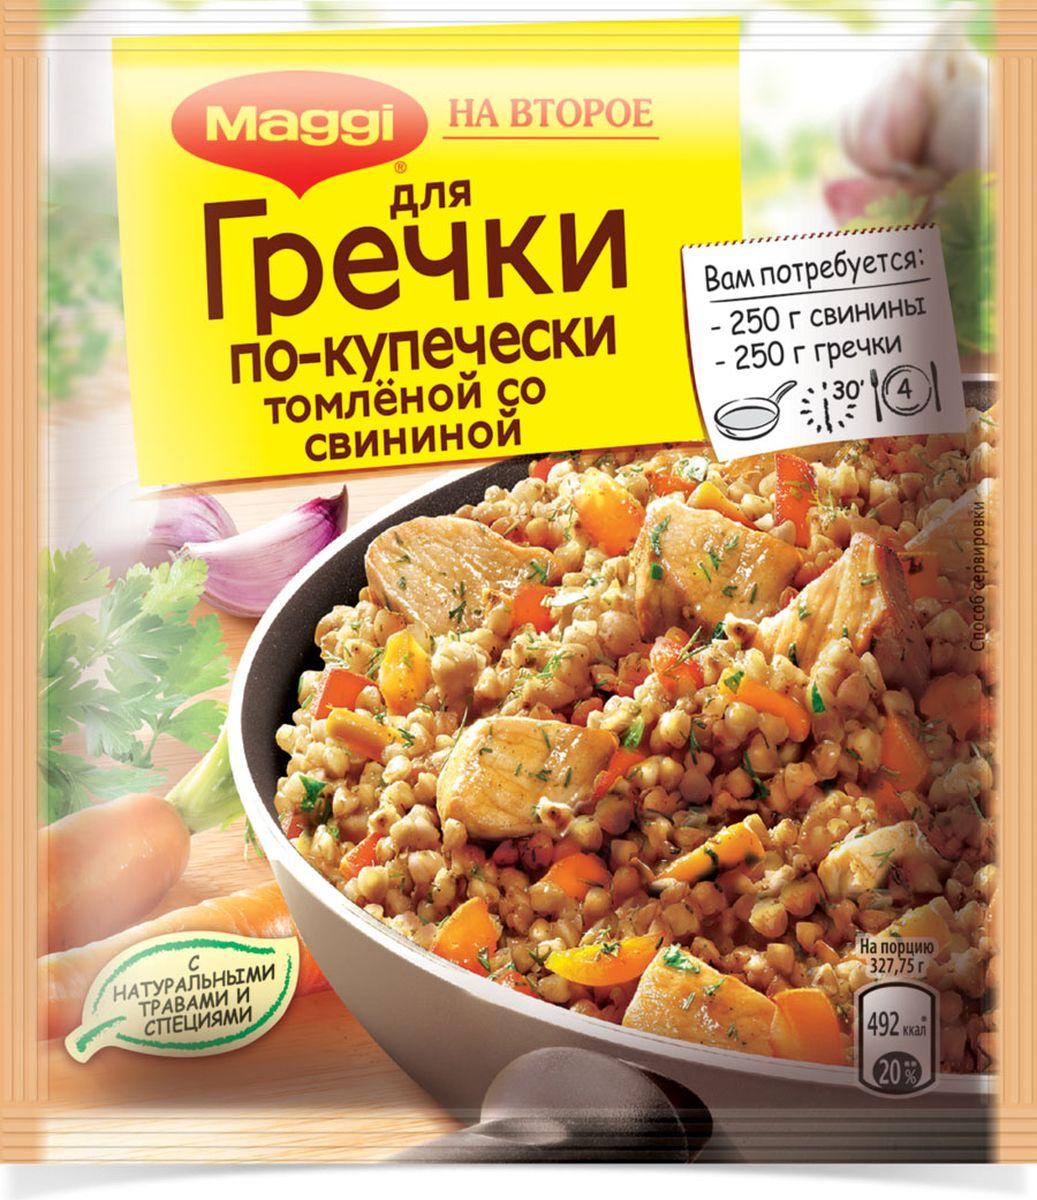 Maggi На второе для гречки по-купечески томленой со свининой, 41 г0120710Гречка по-купечески - сытное и вкусное блюдо с давней историей. Рассыпчатая каша, пропитанная подливой со специями, ароматные кусочки жареного мяса — этот рецепт оценят даже те, кто недолюбливает гречку.Чтобы приготовить гречку по-купечески с Maggi На второе, вам понадобится минимум продуктов: крупа, мясо и приправа Maggi на второе. Весь секрет — в уникальном сочетании натуральных трав и специй, которые придают блюду незабываемый вкус.В состав продукта входят натуральные овощи, травы и специи. Продукт может содержать незначительное количество молока, сельдерея.Уважаемые клиенты! Обращаем ваше внимание на то, что упаковка может иметь несколько видов дизайна. Поставка осуществляется в зависимости от наличия на складе.